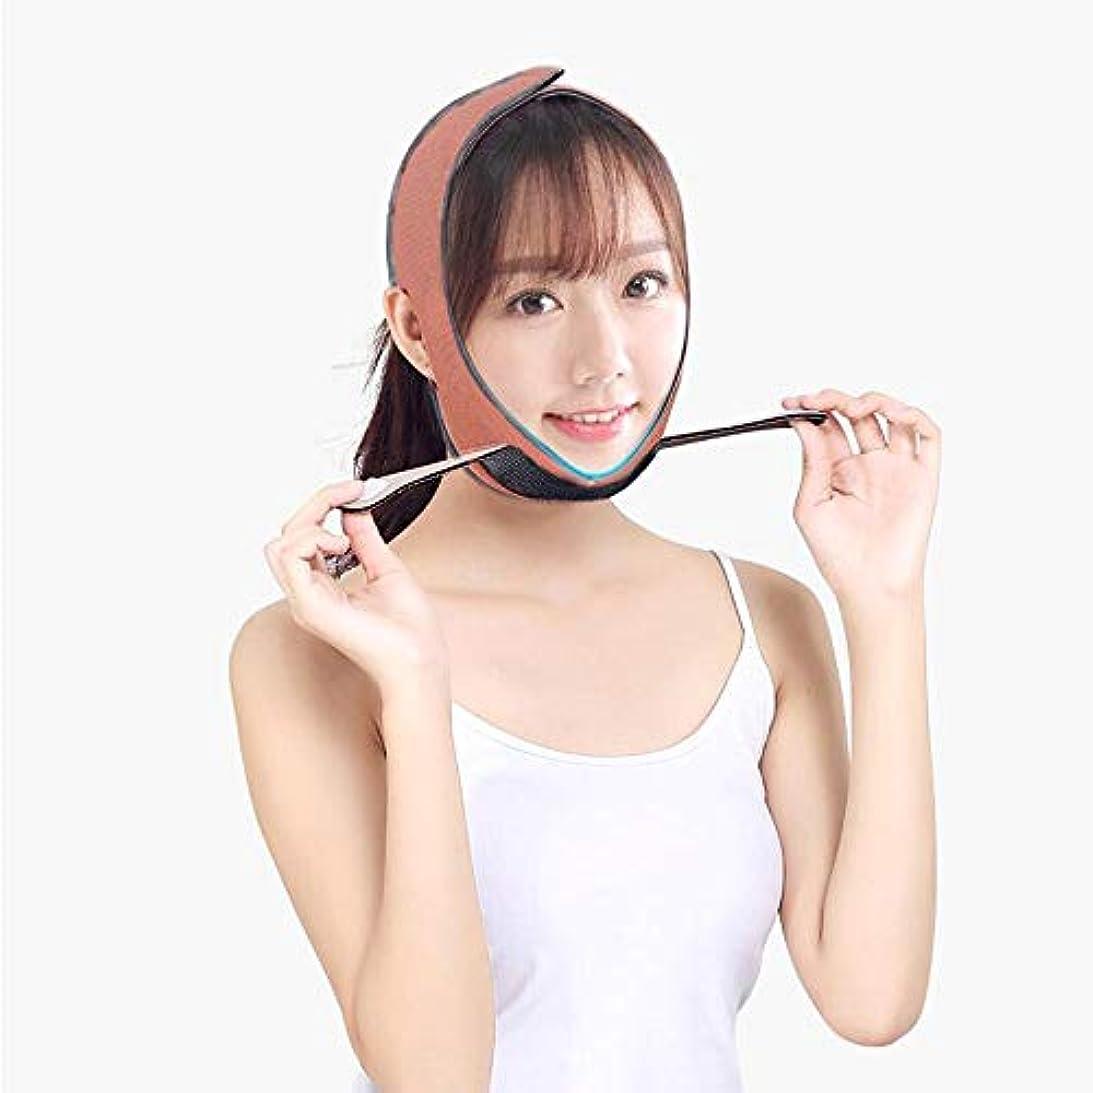 競合他社選手七面鳥不幸Jia Jia- フェイシャルリフティングスリミングベルト - 薄いフェイス包帯Vフェイス包帯マスクフェイシャルマッサージャー無料整形マスク顔と首の顔を引き締めますスリム 顔面包帯